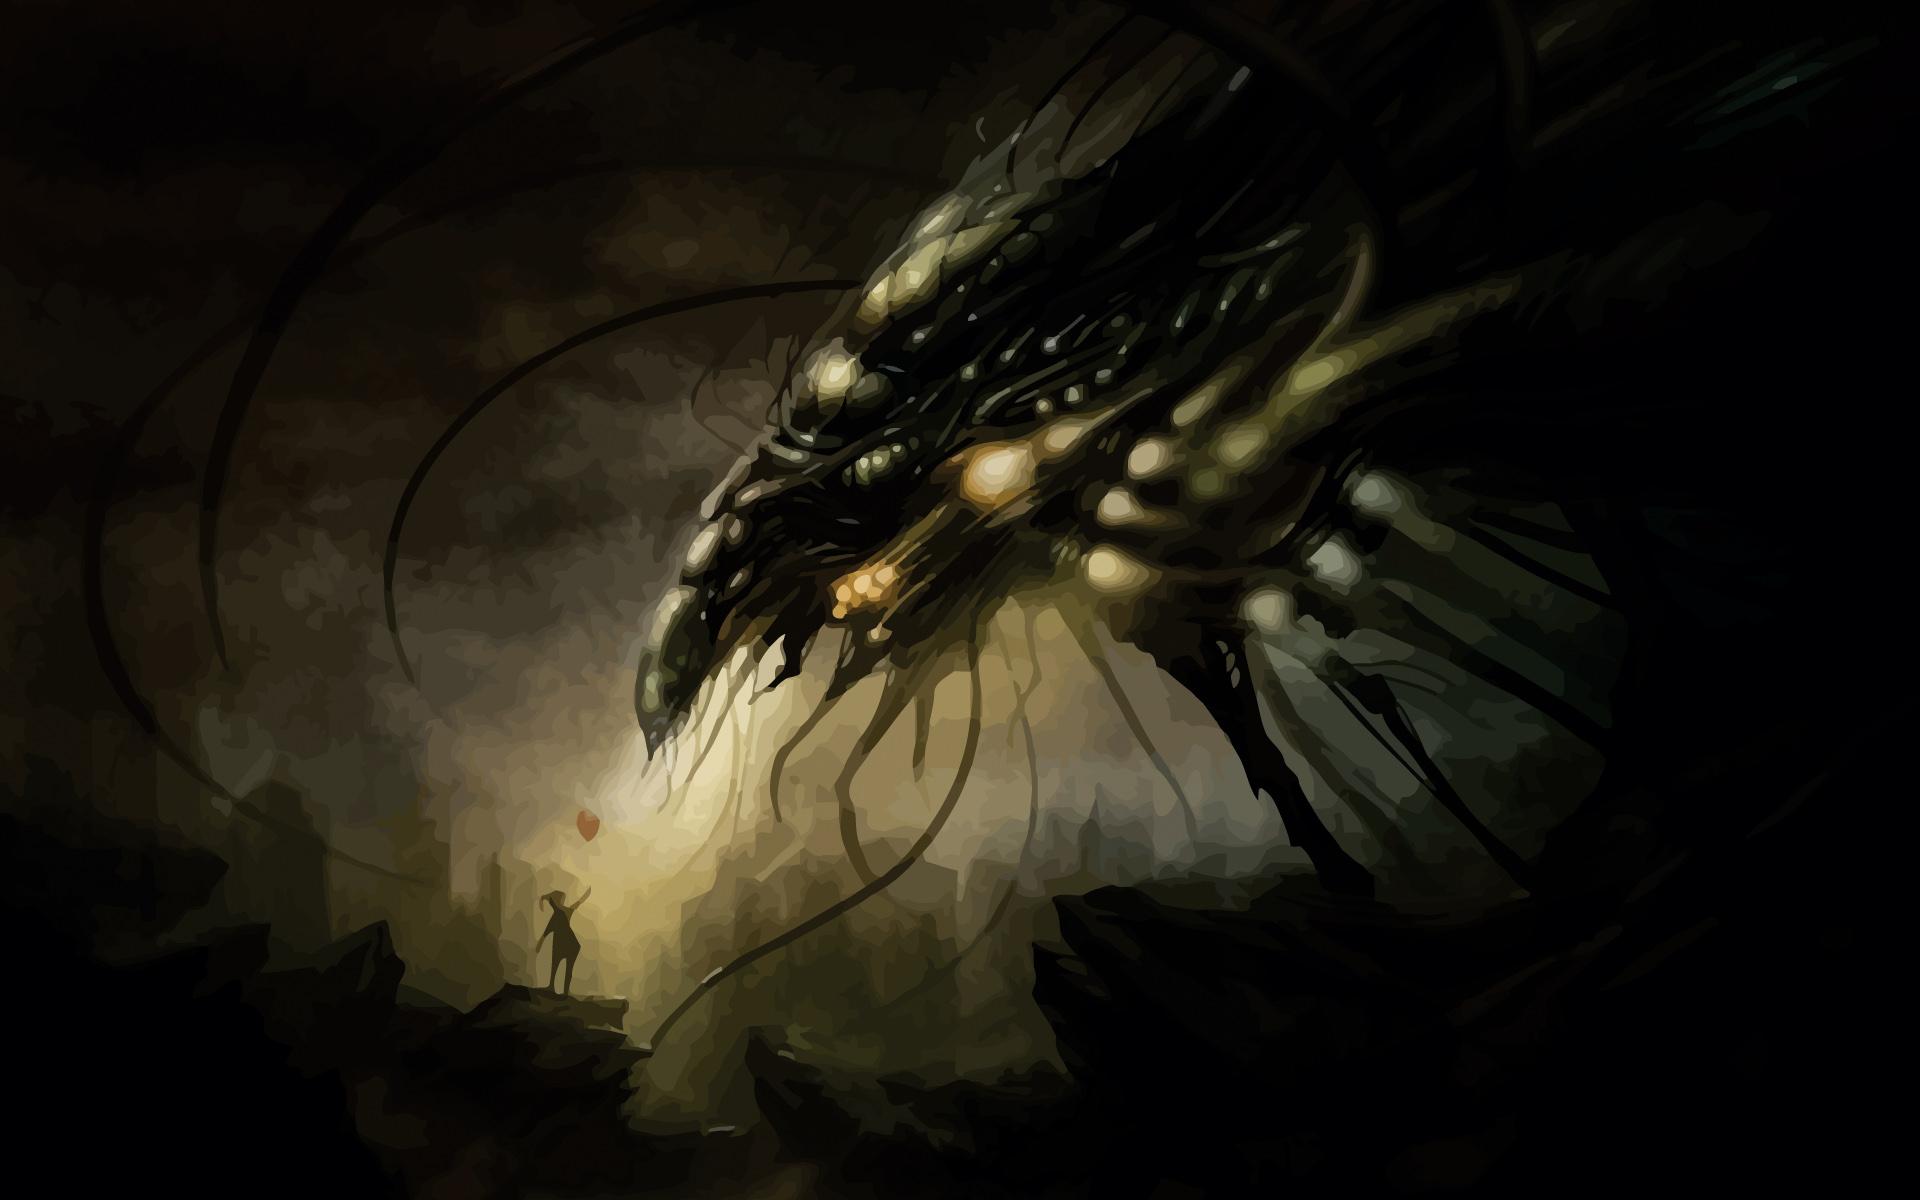 alien wallpapers hd free download